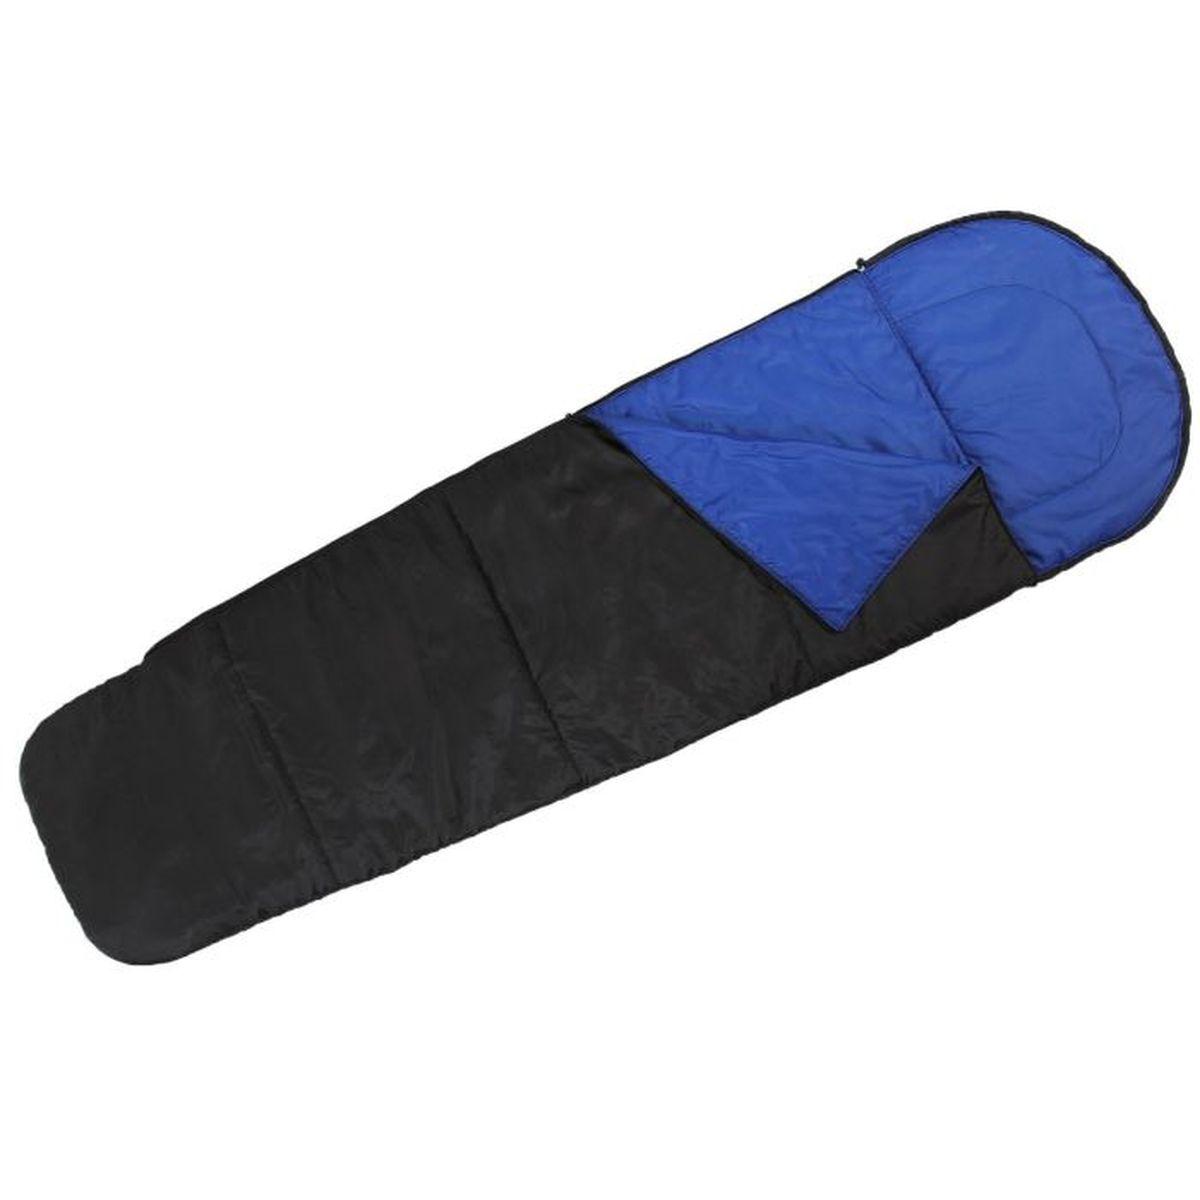 Мешок спальный Onlitop Кокон, цвет: черный, синий, правосторонняя молния спальный мешок onlitop престиж цвет черный бежевый правосторонняя молния 1344029